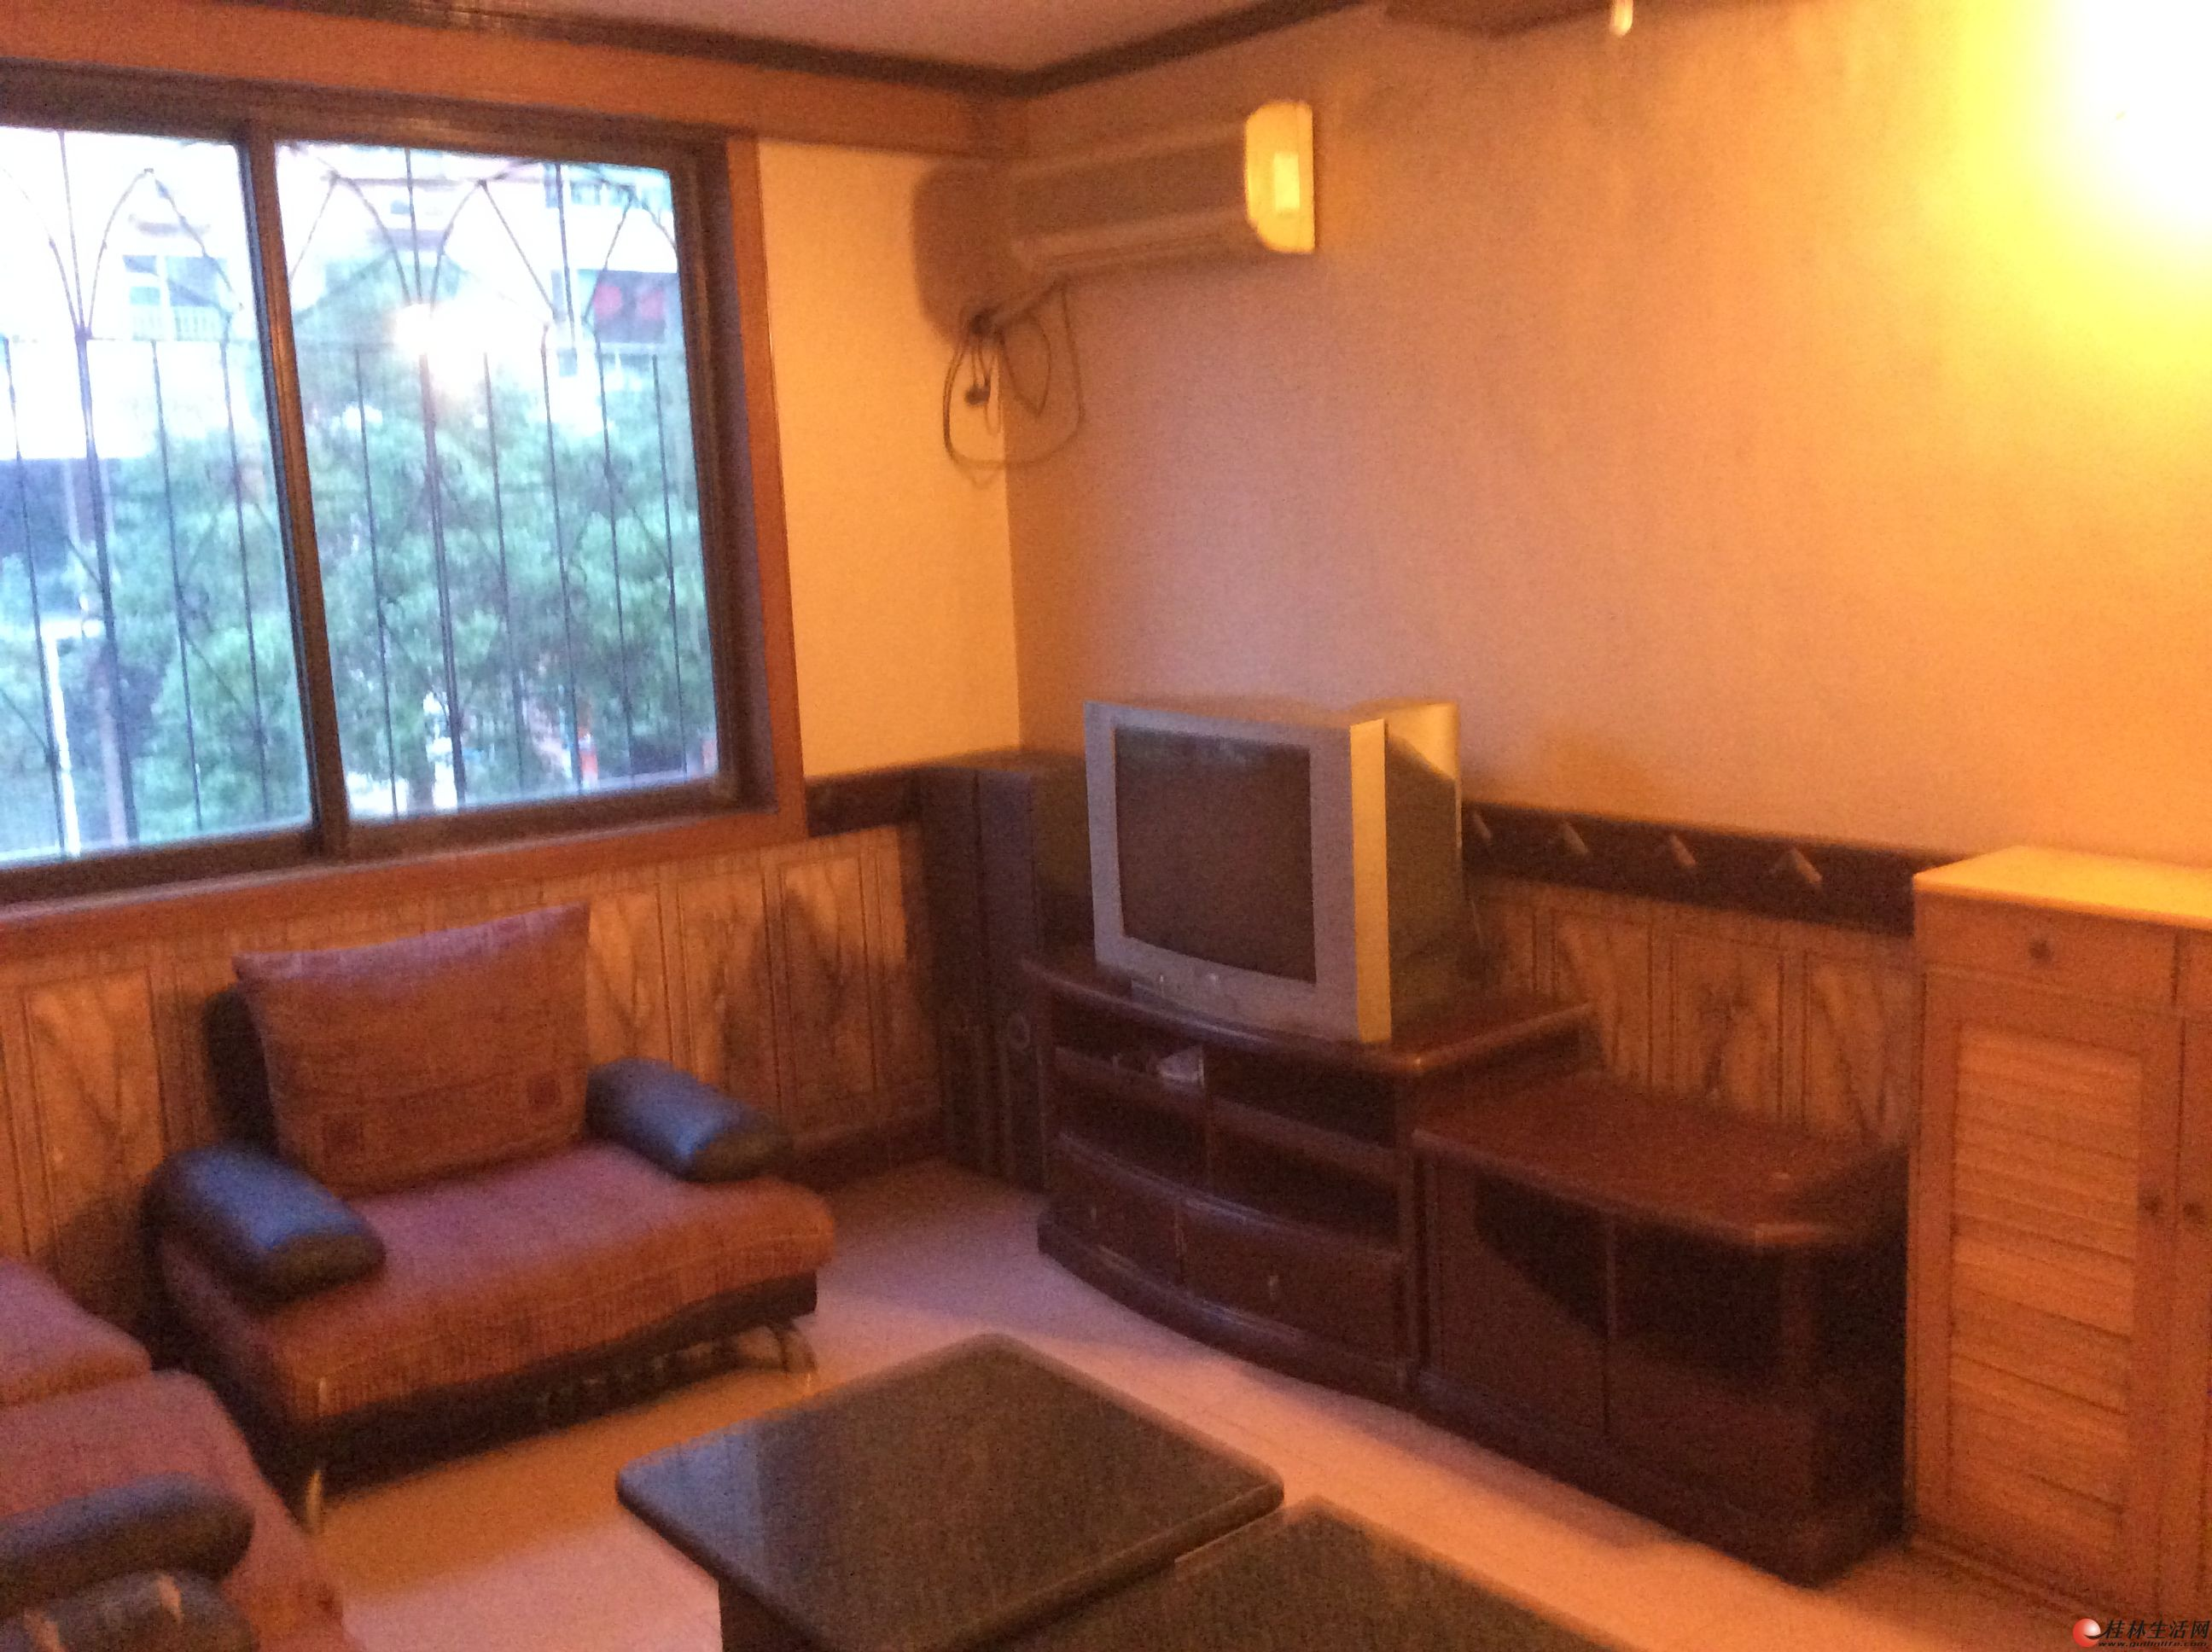 桂林市七星区毅锋路鸾西一区3栋3楼2房一厅68平精装修出租